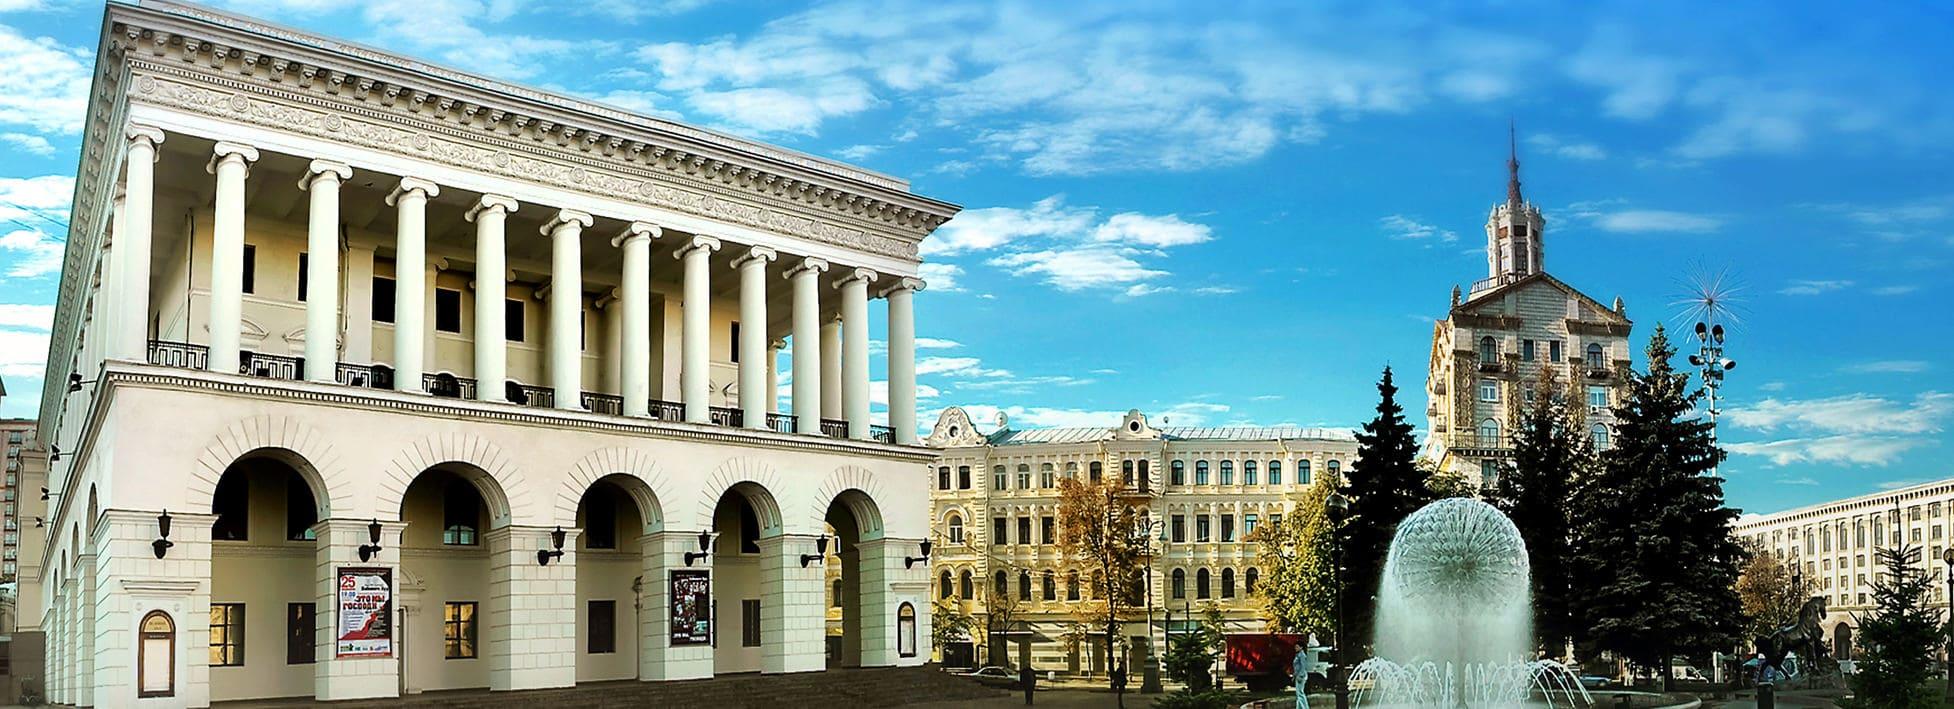 Консерватория в Киеве